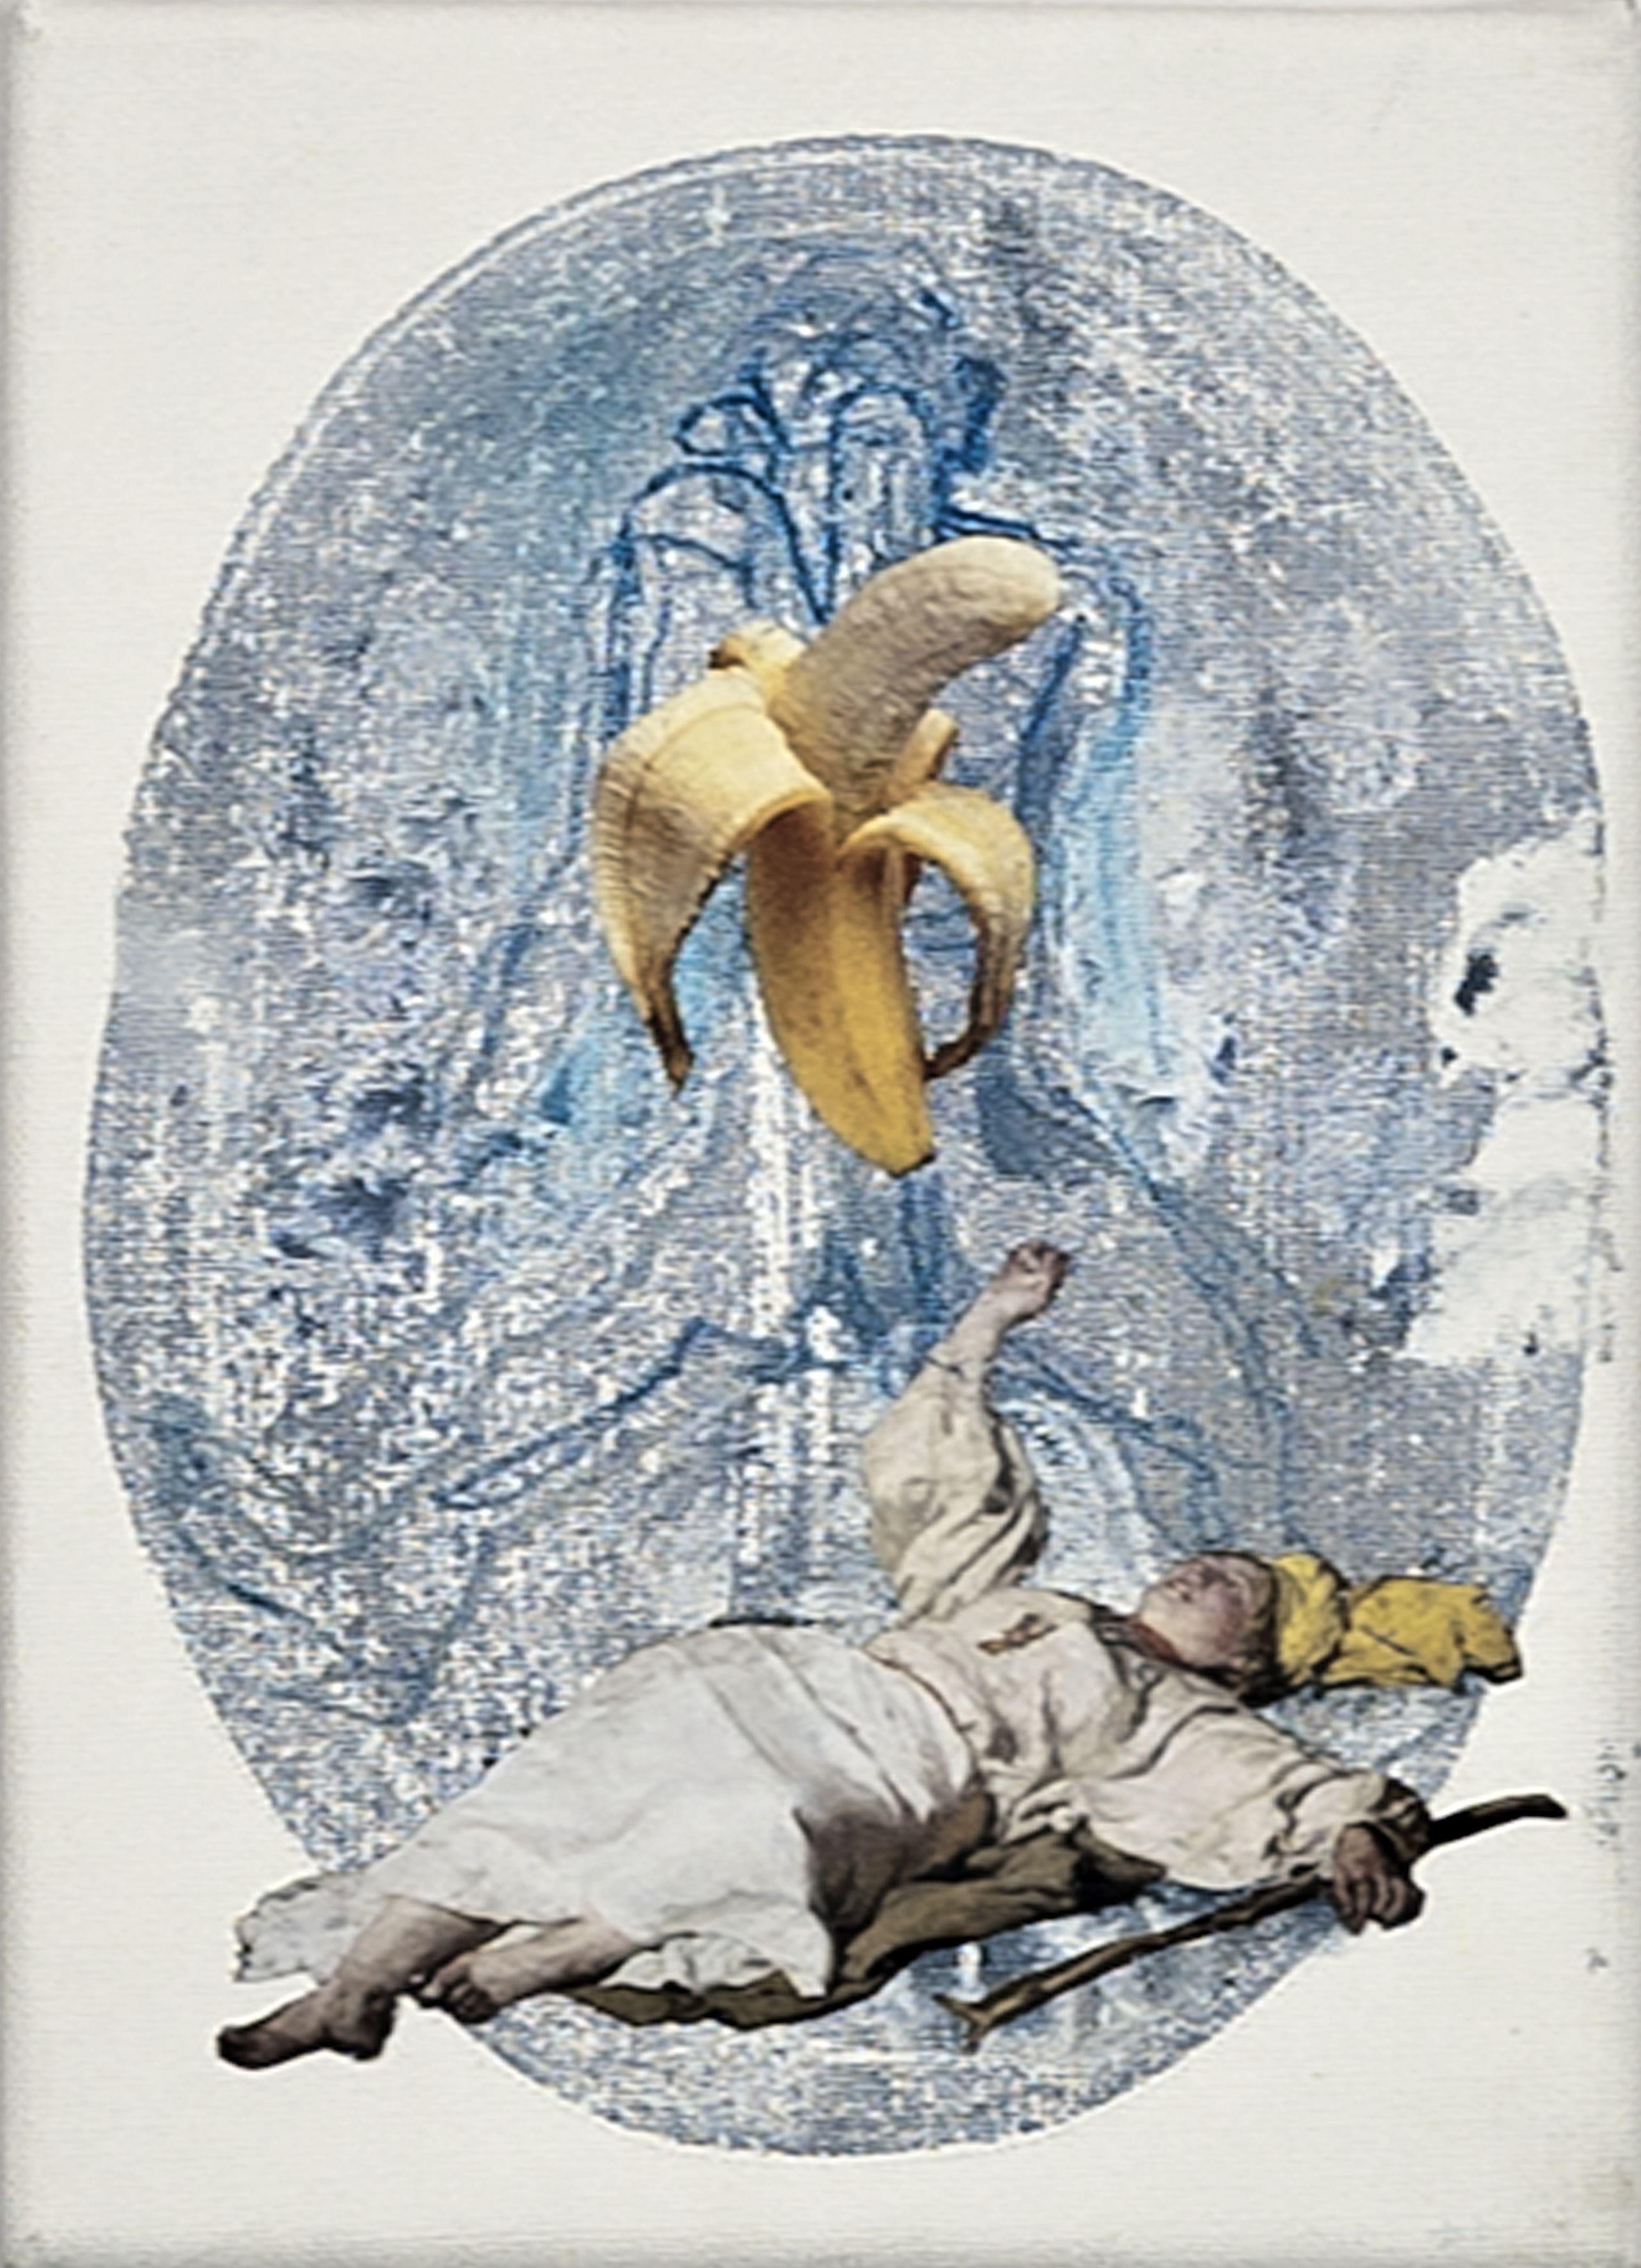 Józef Ch., akryl, kolaż, płótno, 22x16cm, 2014